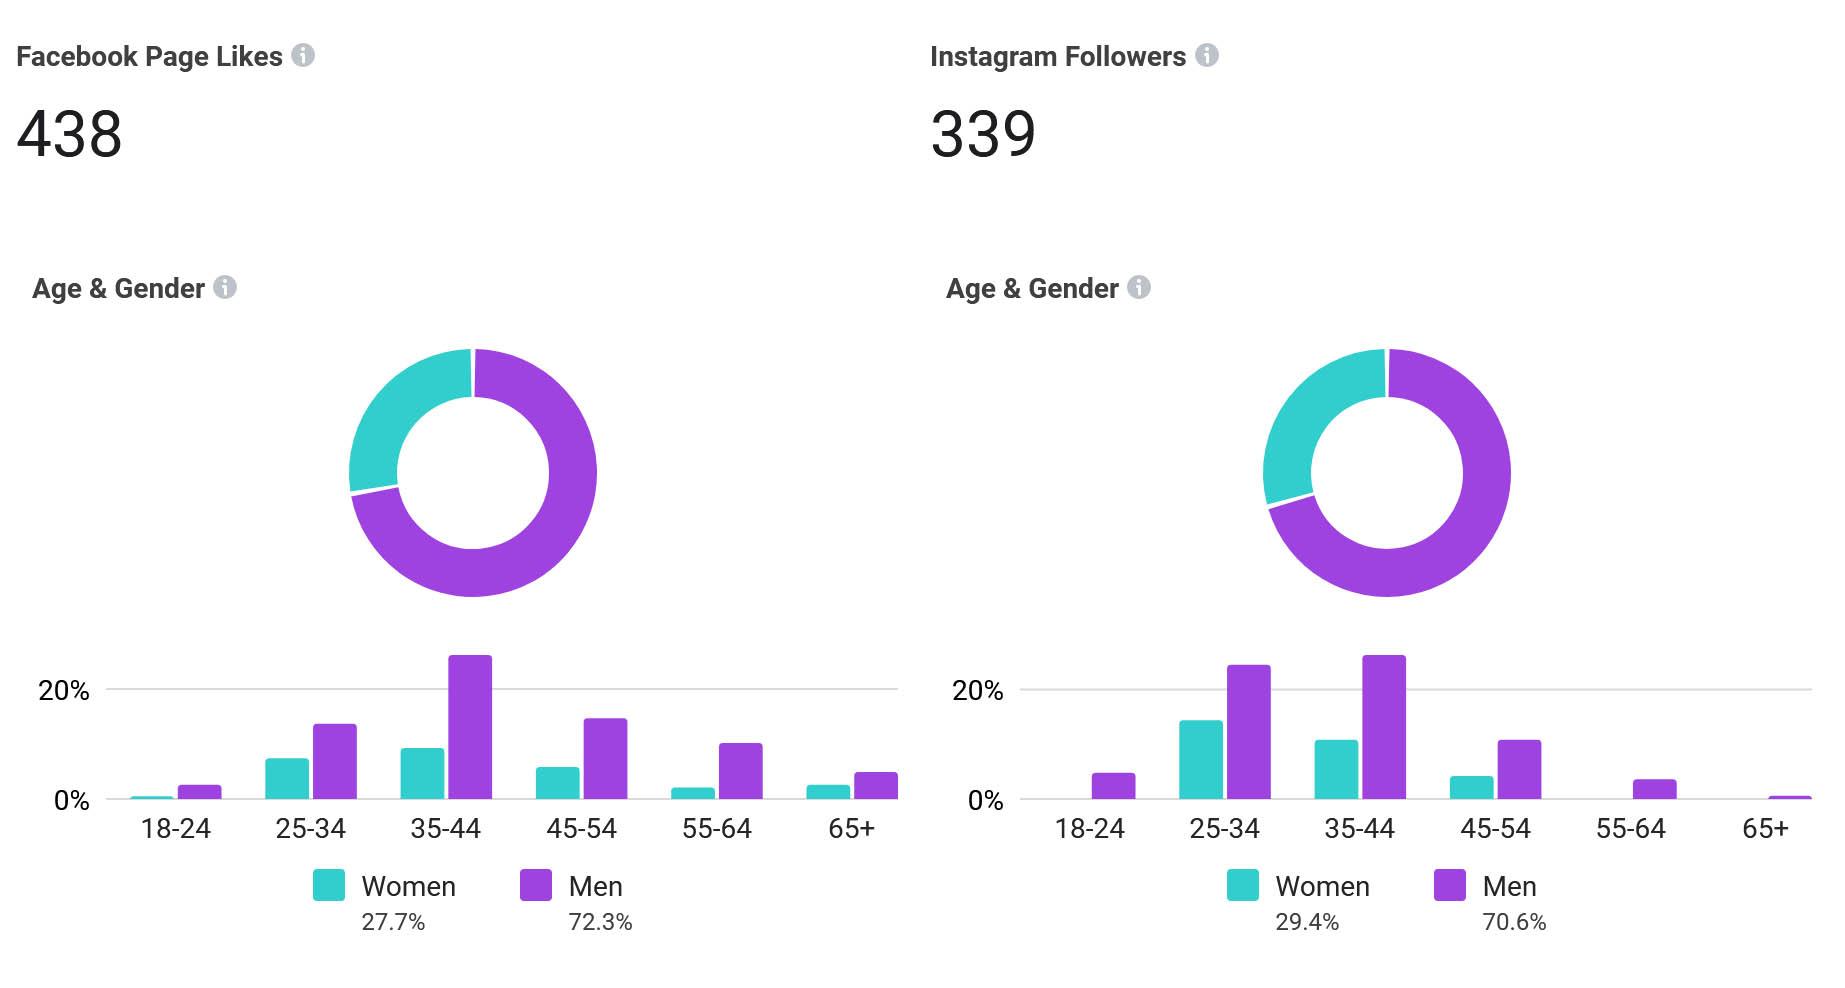 Demografski podaci - Facebook Suite